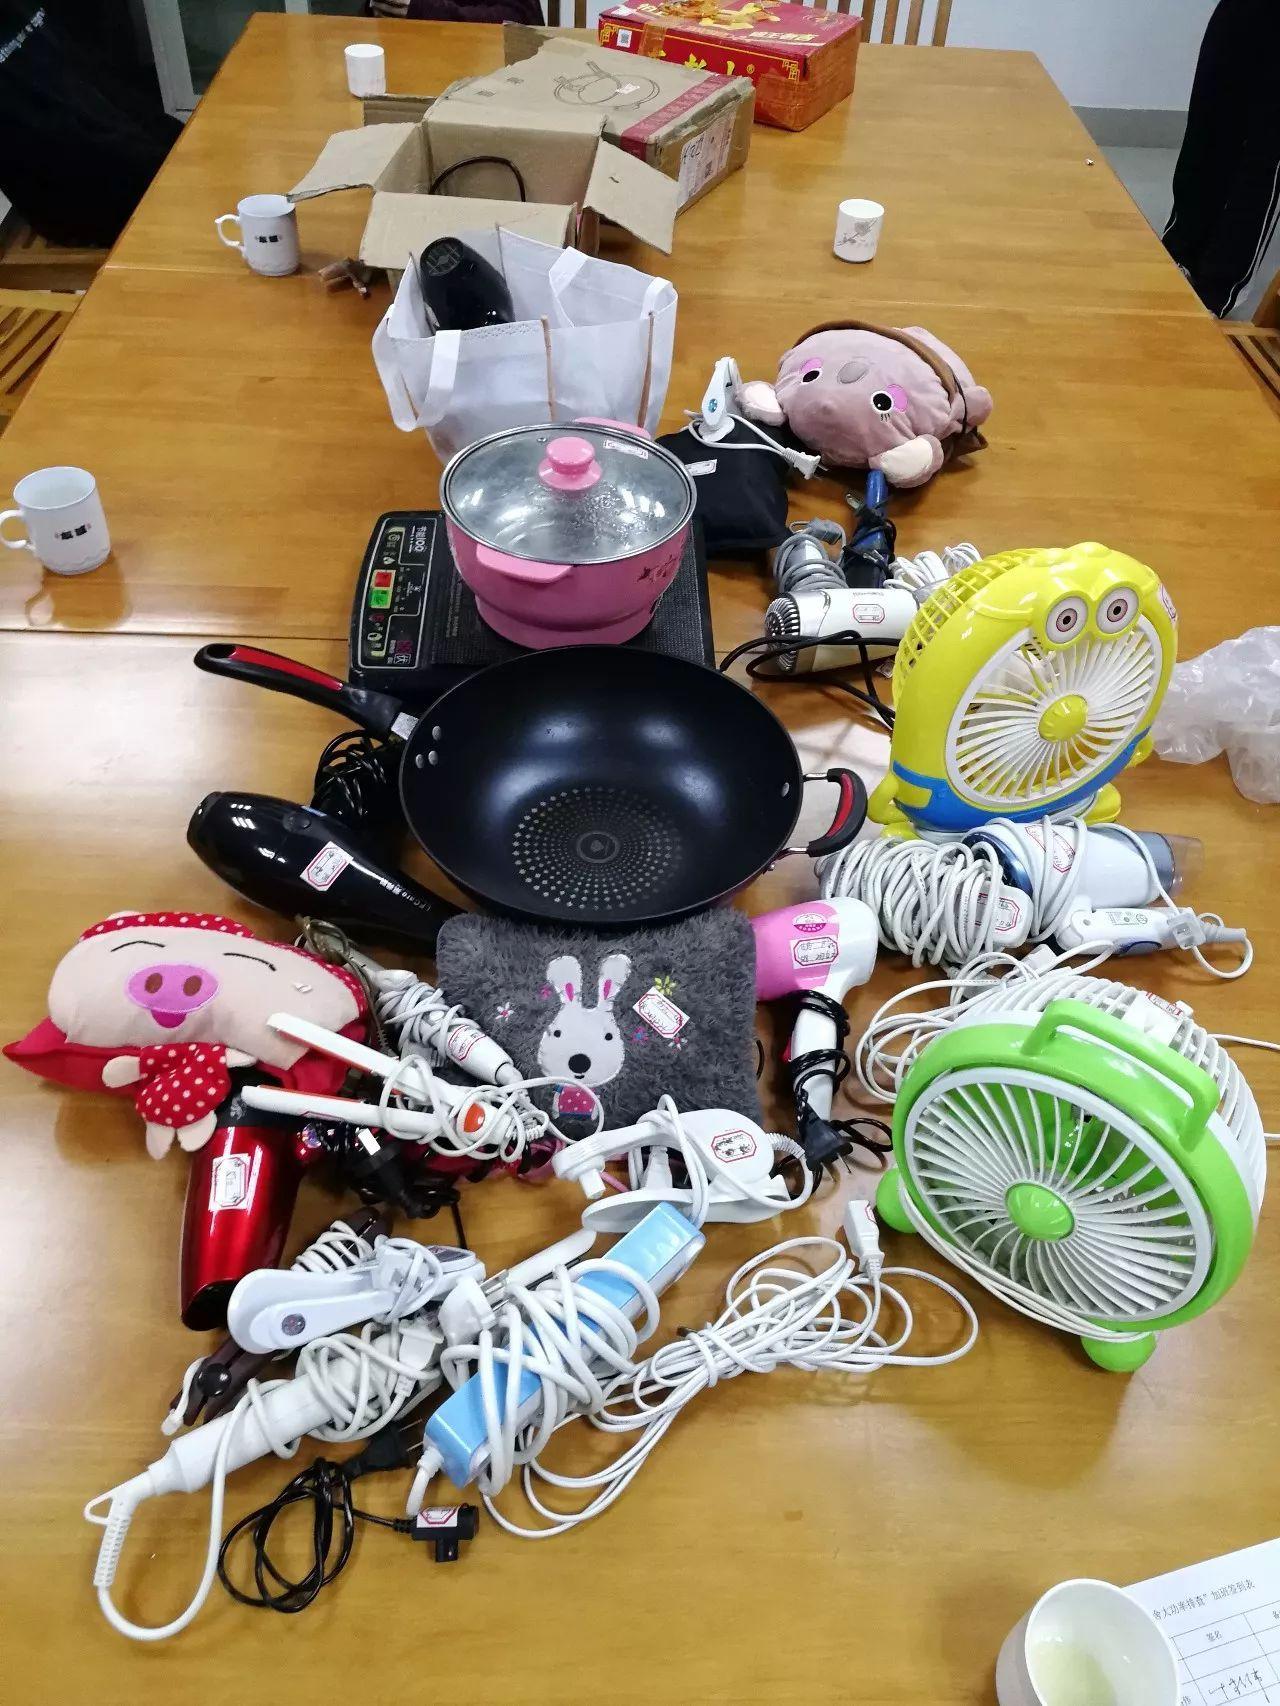 我校开展学生宿舍大功率电器排查工作